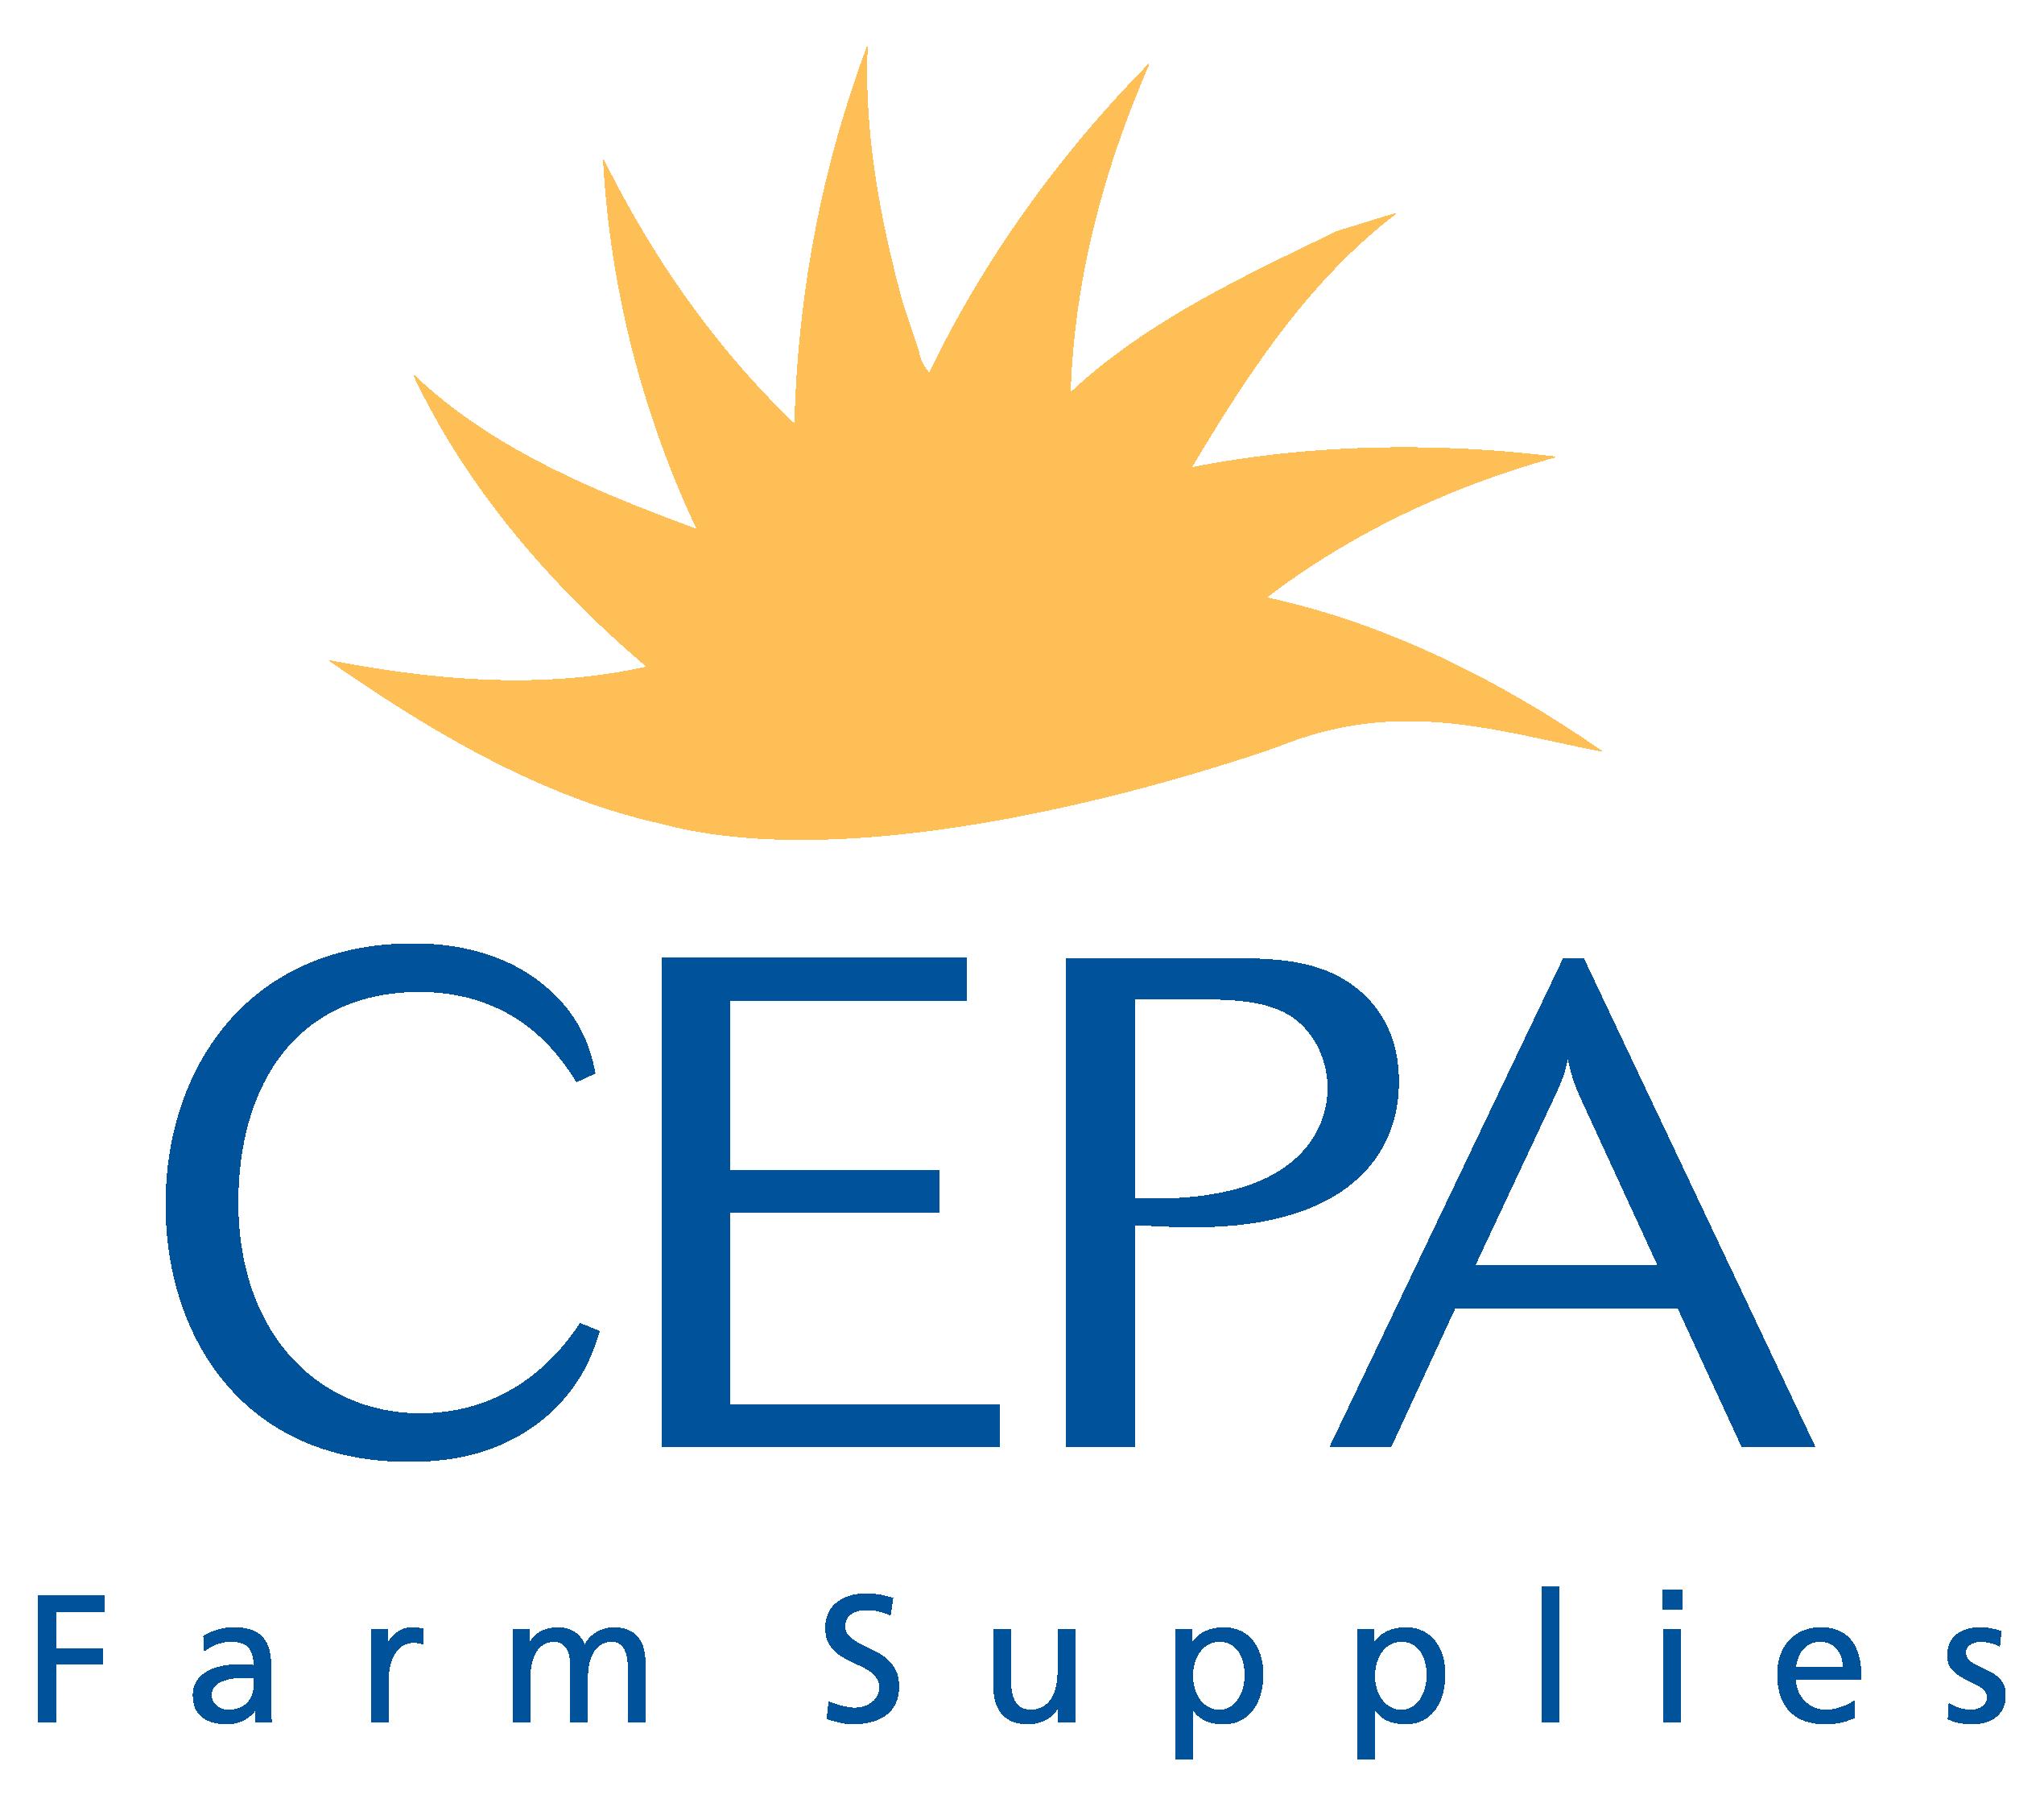 CEPA Farm Supplies